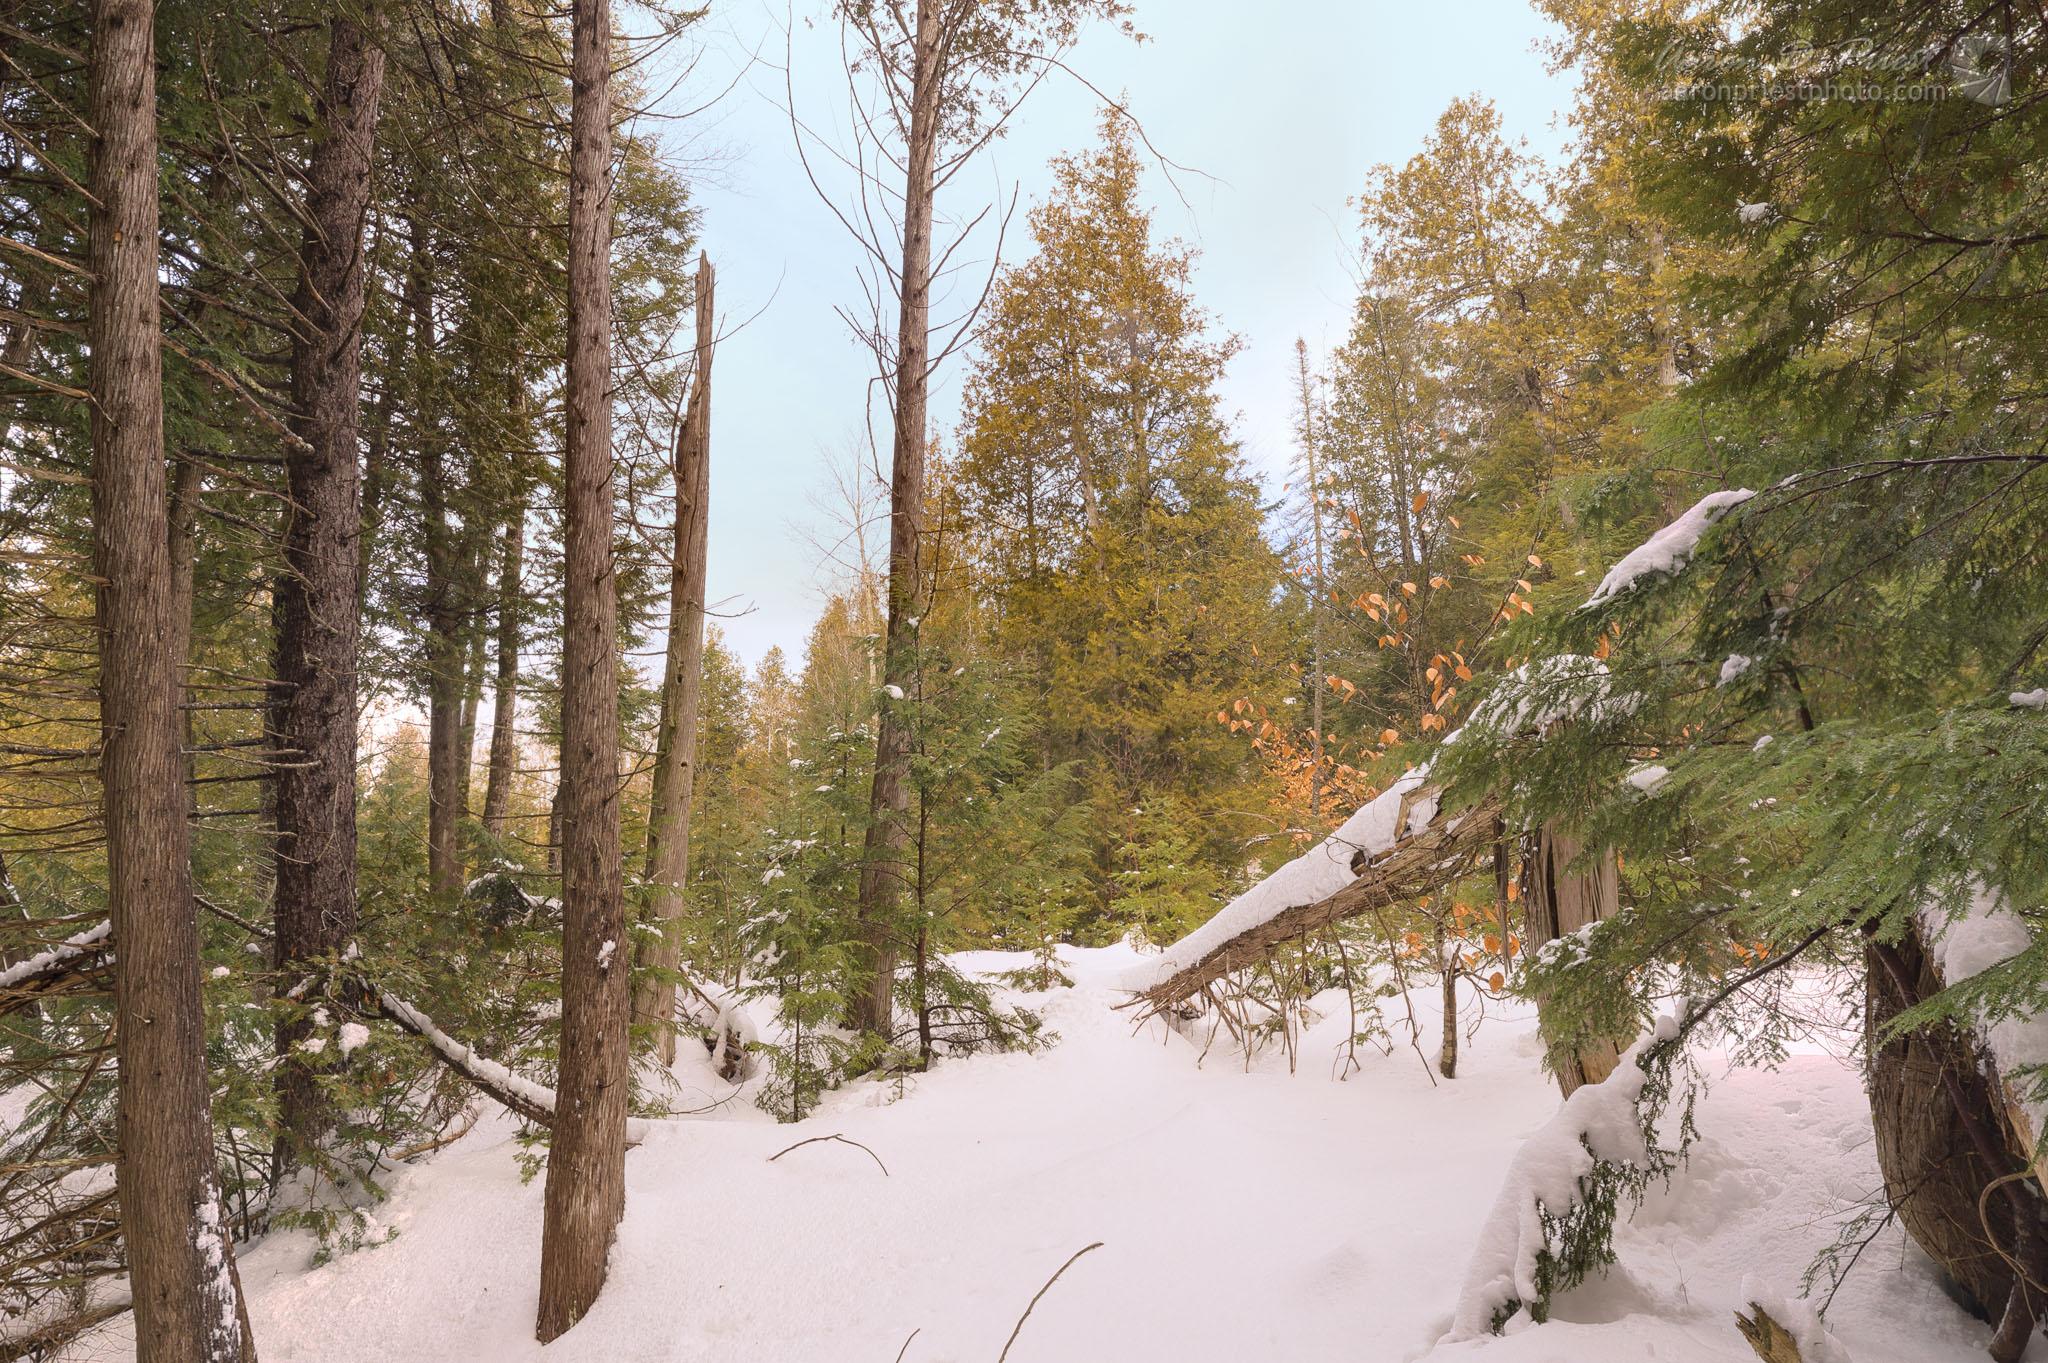 2013-01-20-109107-3 Woods.jpg